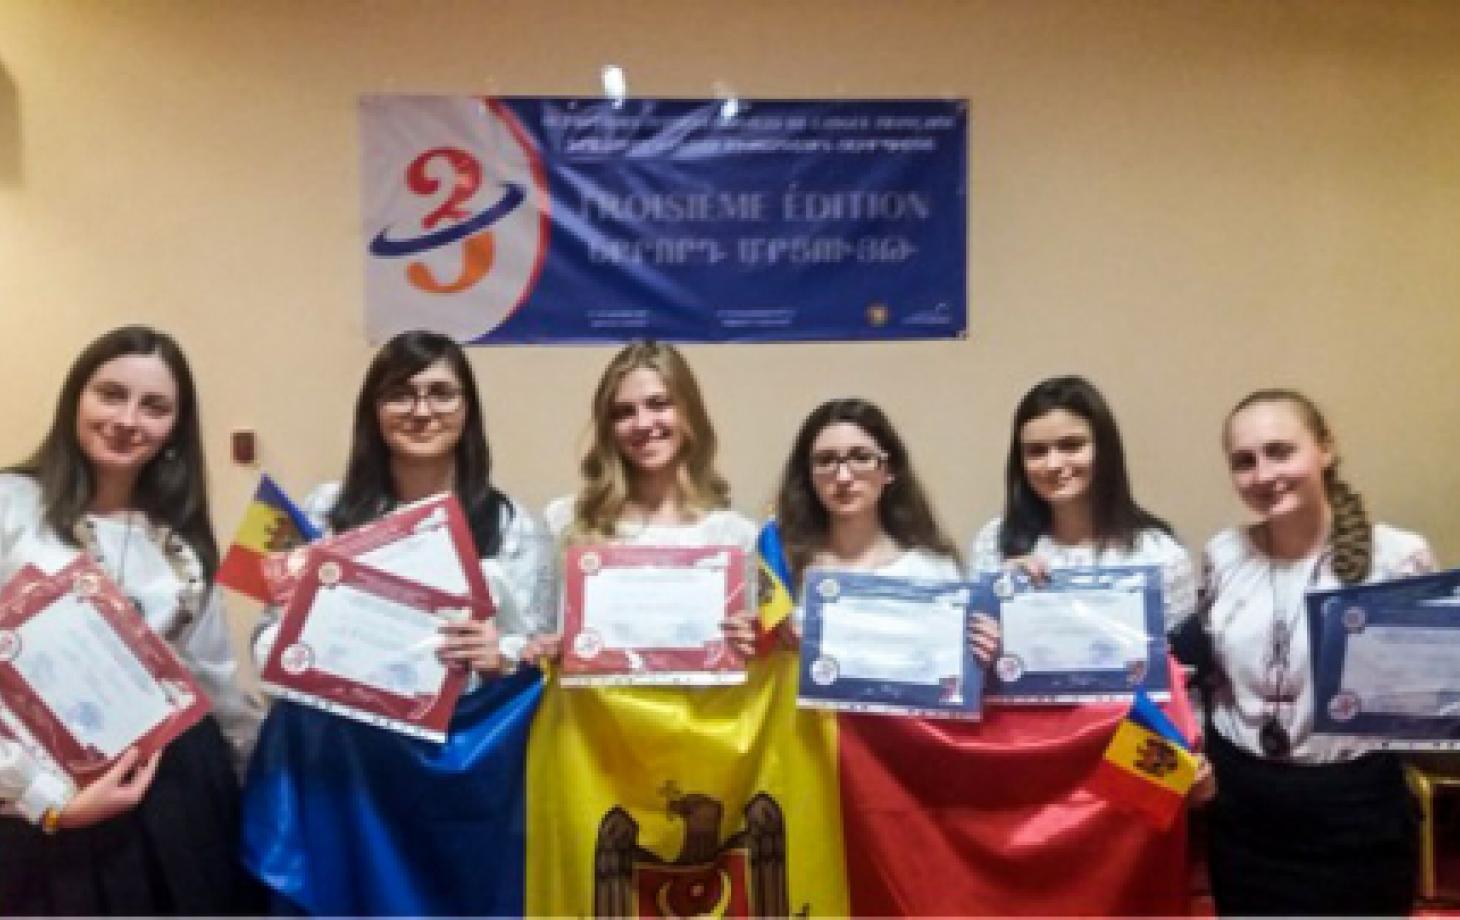 Молдавская команда вернулась с Международной олимпиады по французскому языку с наградами